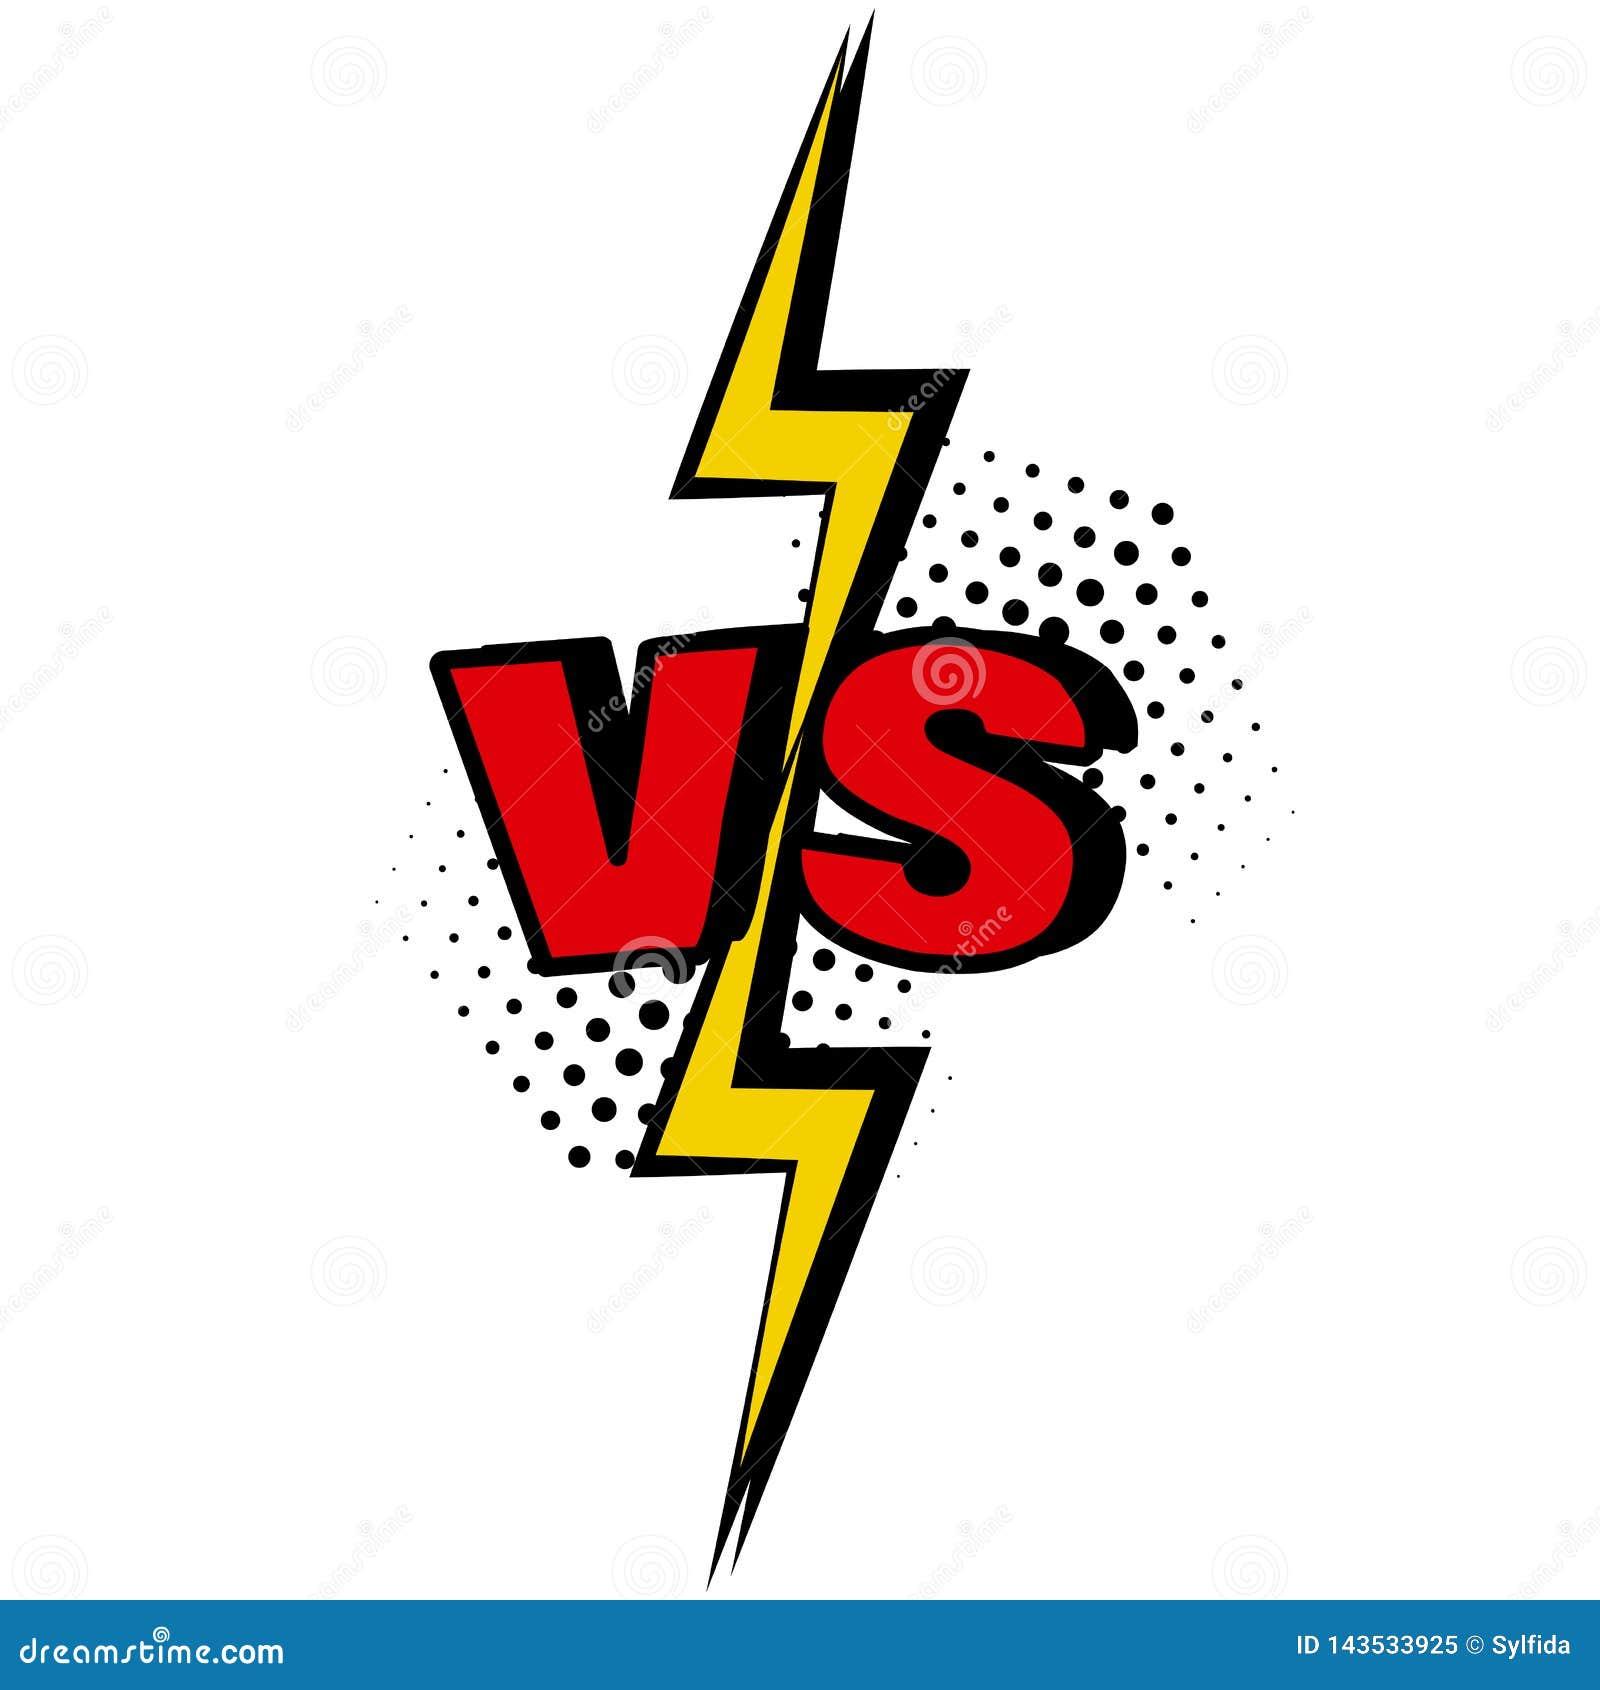 Tegenover VERSUS woord in pop-artstijl Slag versus gelijke, spel Vector